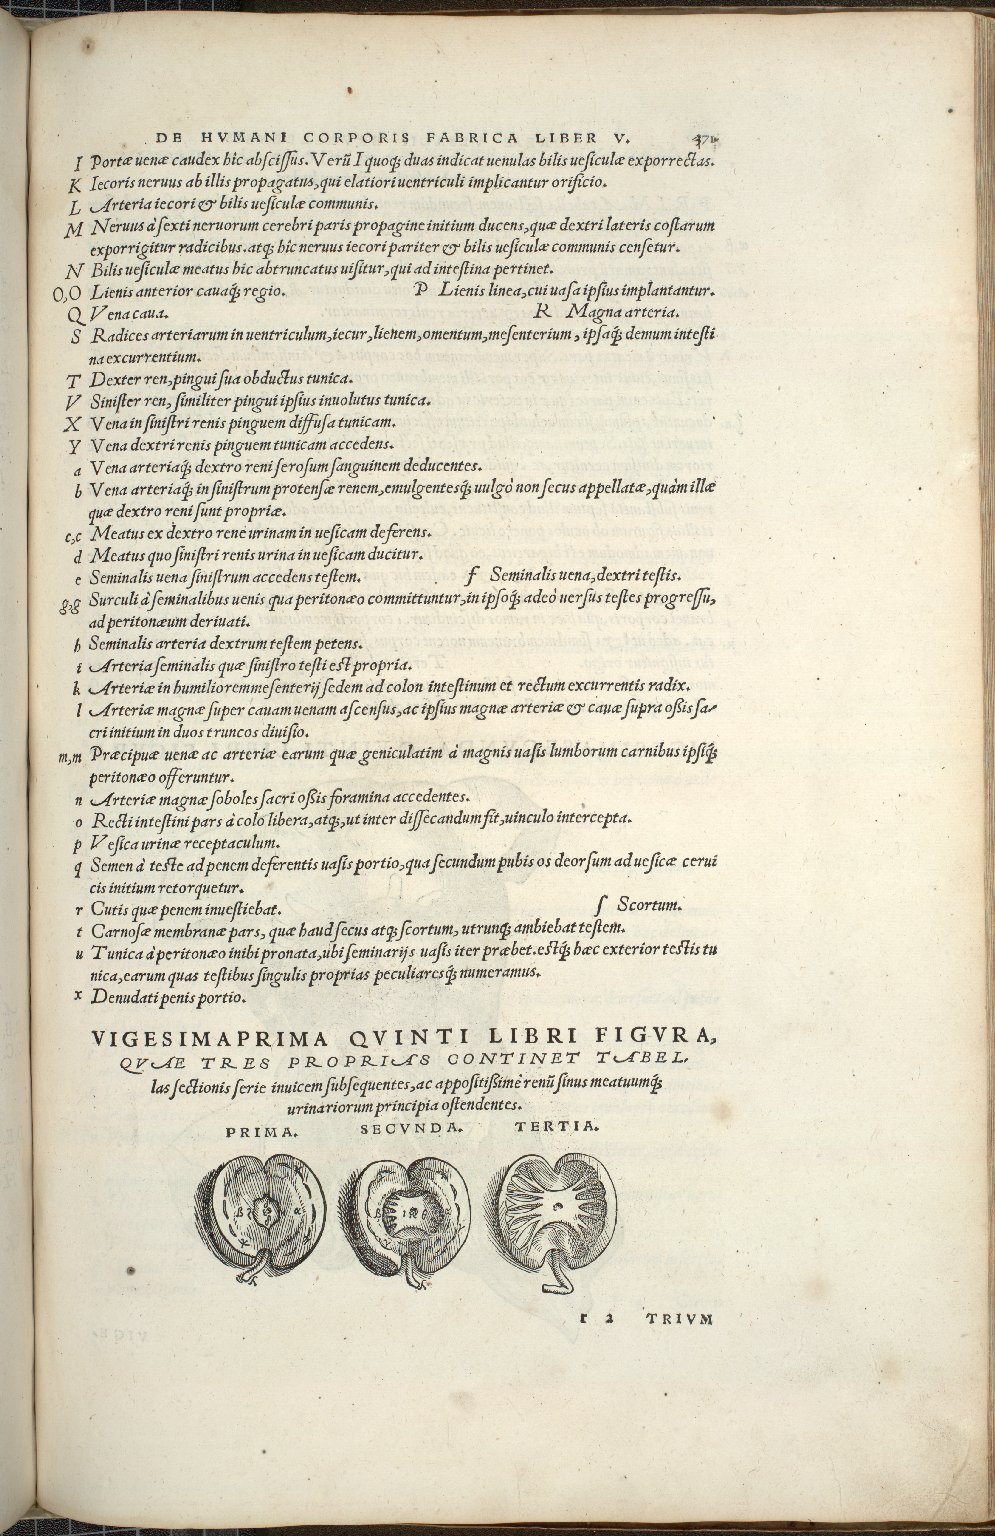 Organis Nutritioni, Vigesimaprima Quinti Libri Figura.